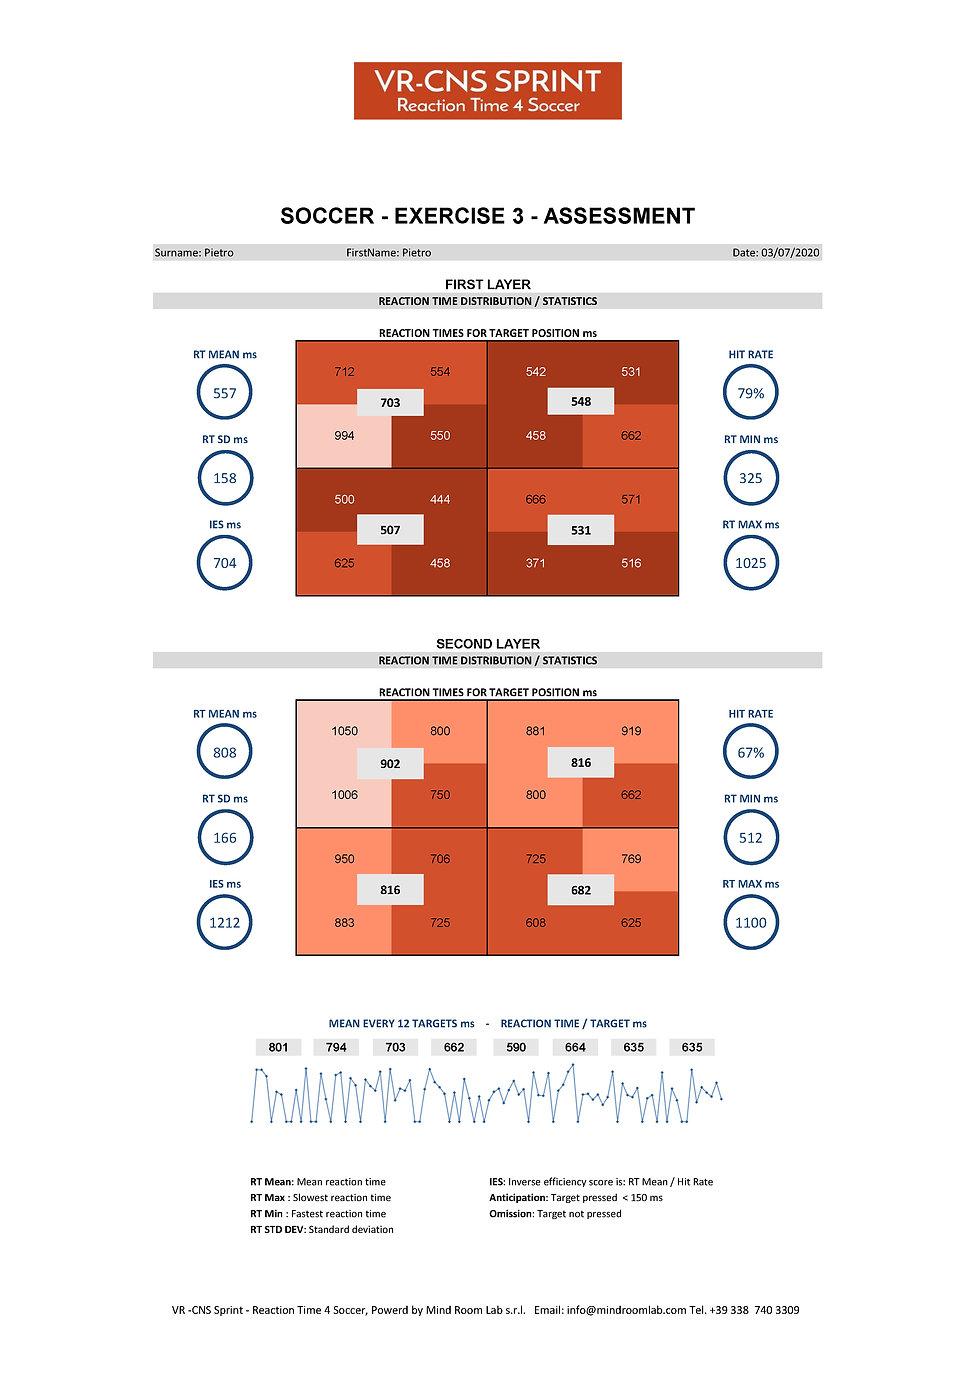 13 VR-SOCCER-Ex3-Assessment-343-Small-Pi